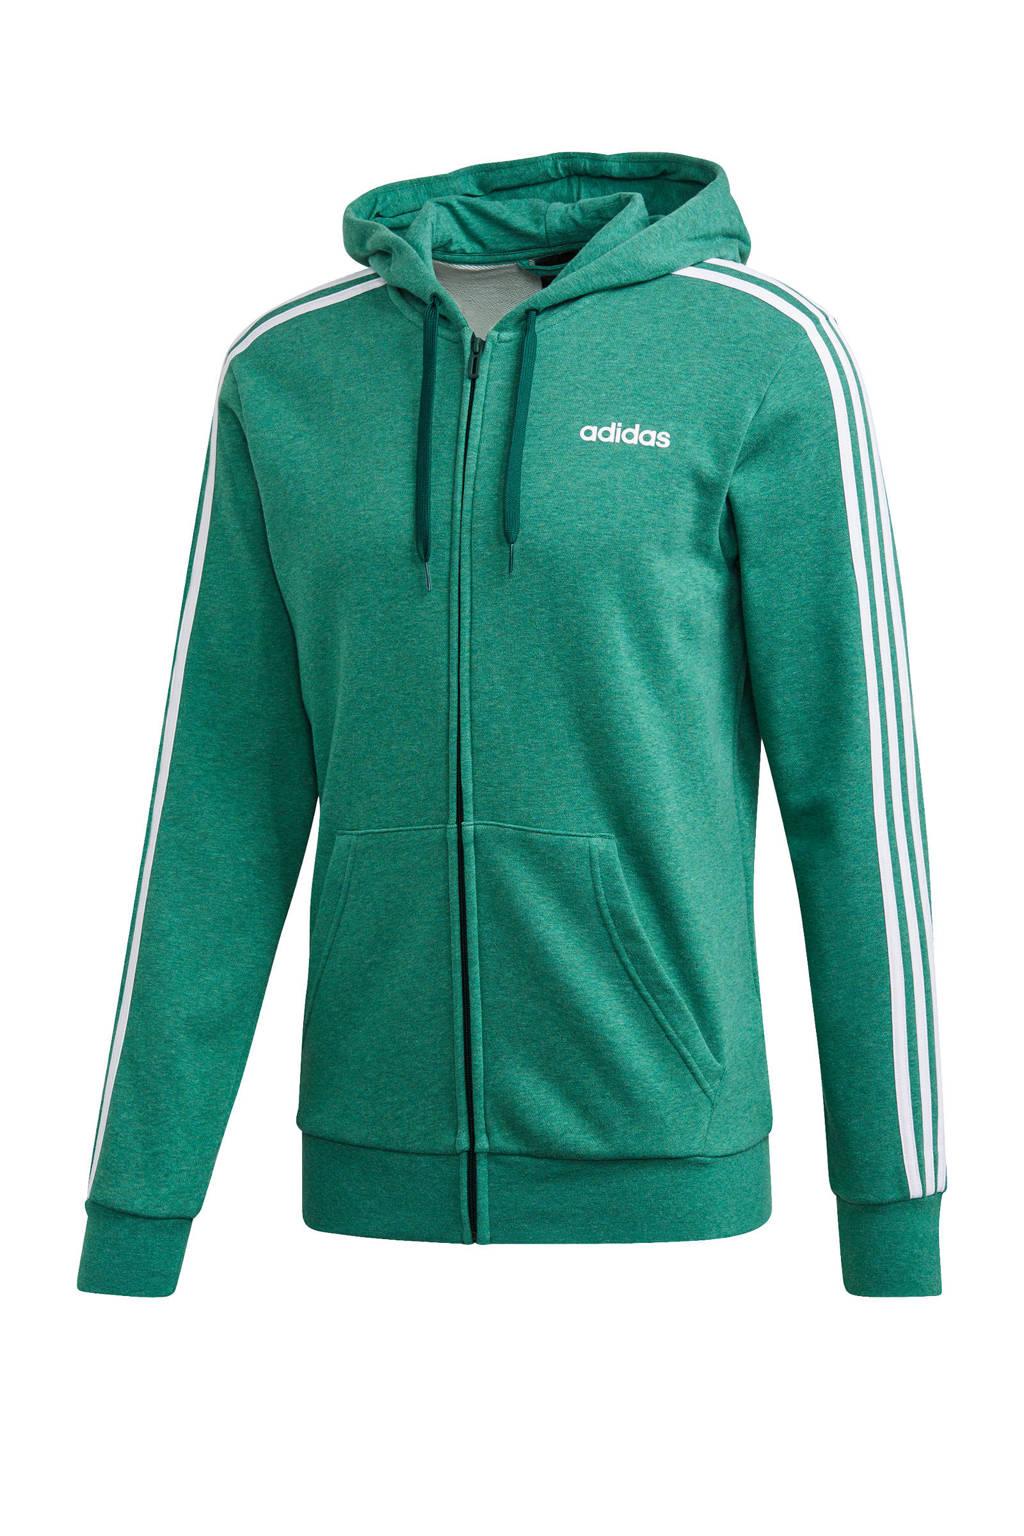 adidas Performance   sportvest groen/wit, Groen/wit